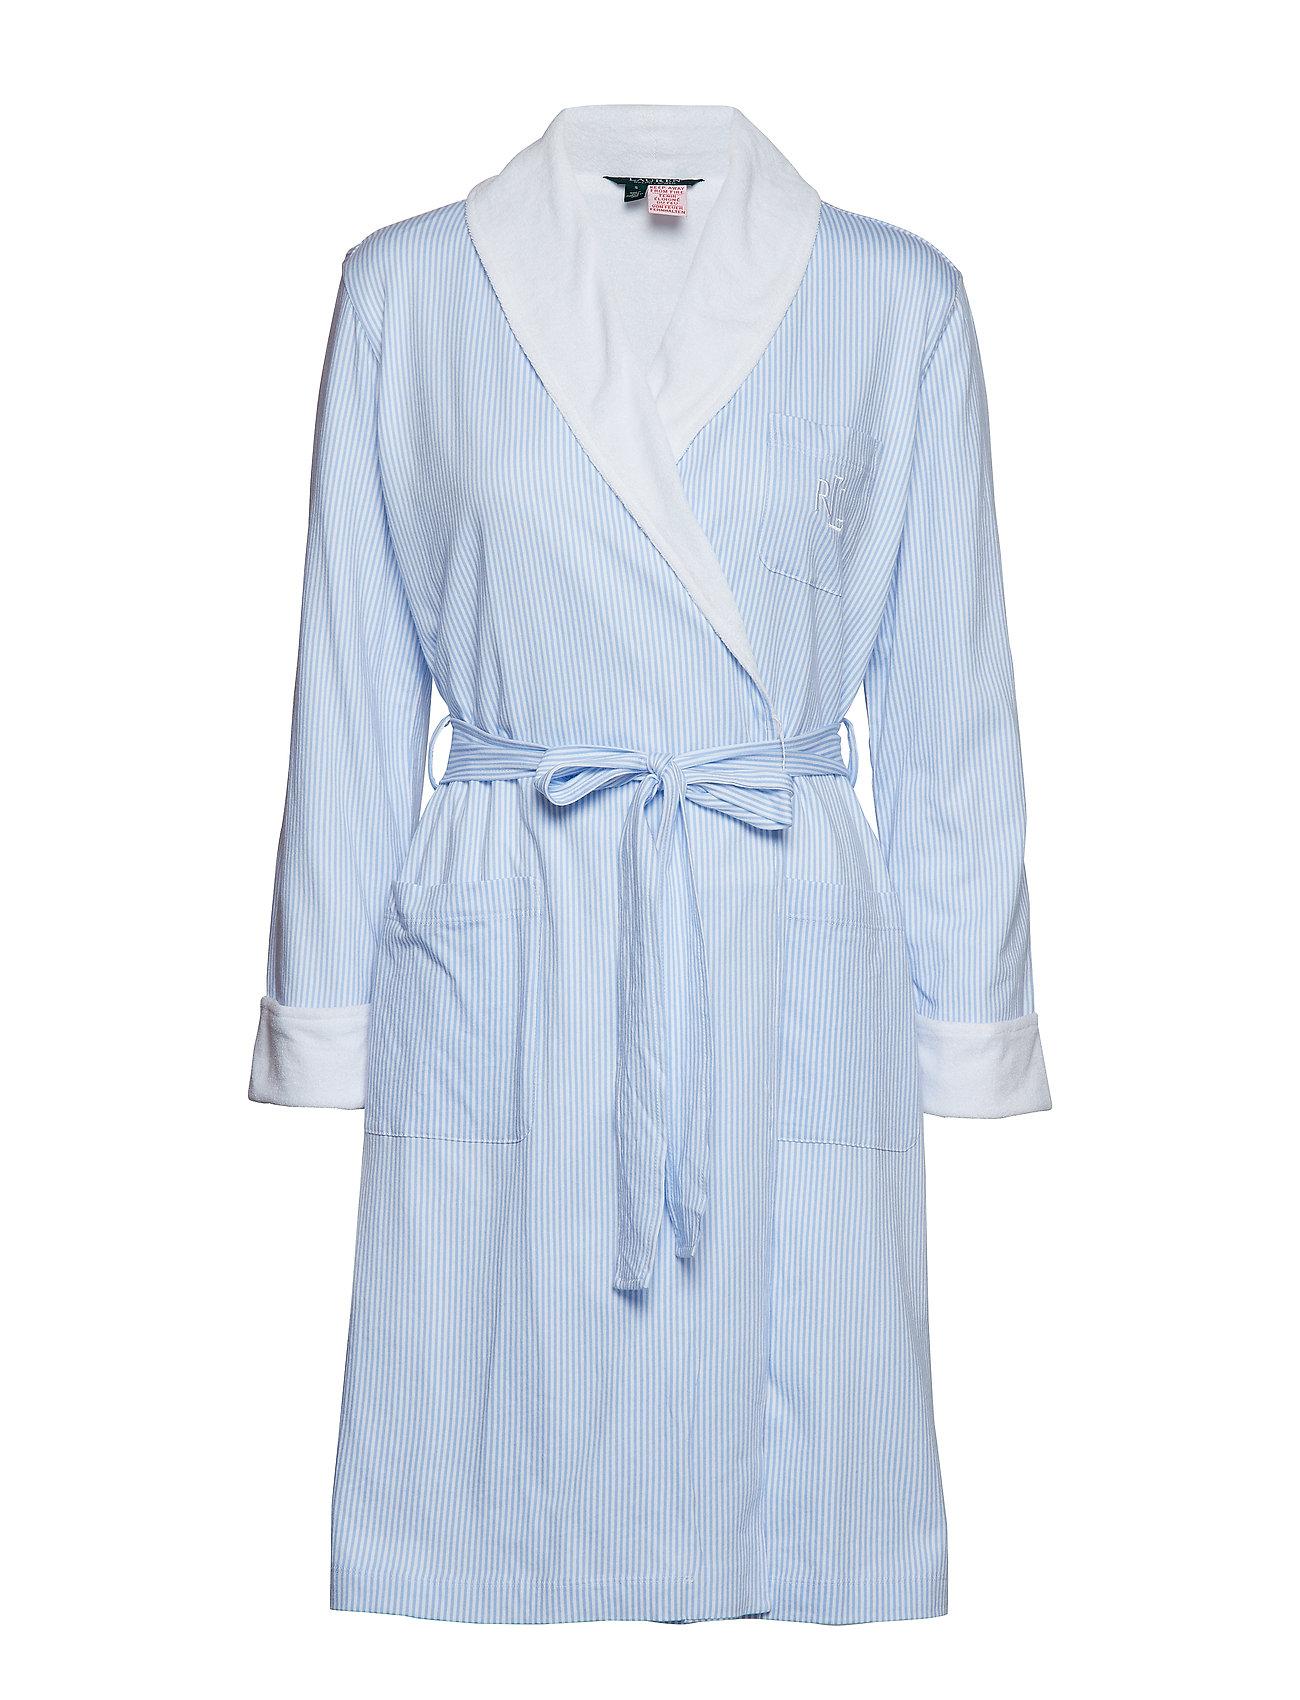 Lauren Ralph Lauren Homewear LRL ESSENTIAL SHORT SHAWL COLLAR ROBE - PALE BLUE STRIPE